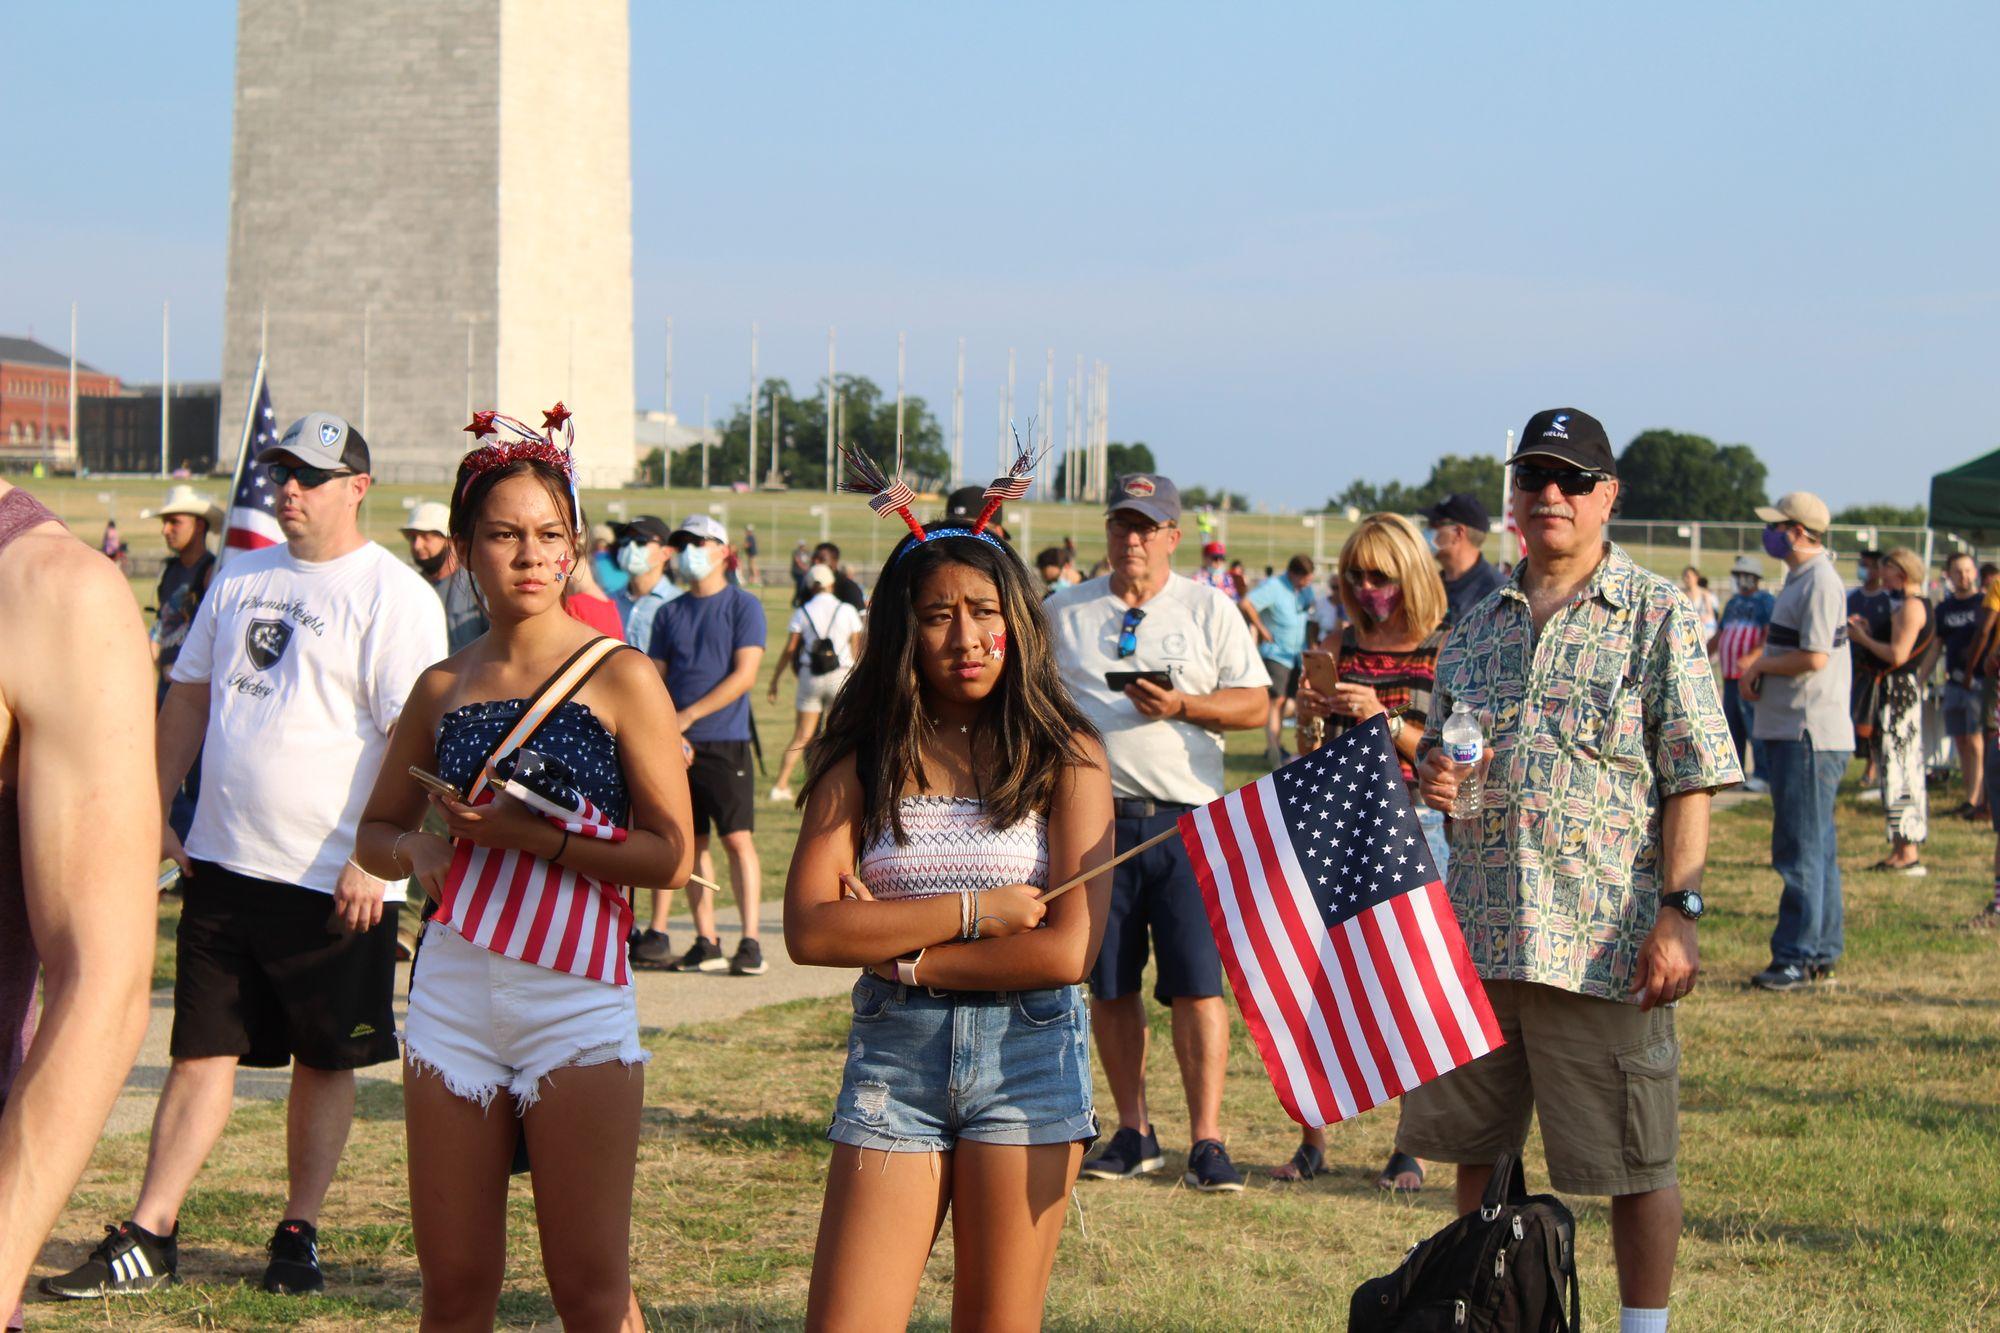 多數到國家廣場參加國慶活動的民眾沒戴口罩,也沒遮住口鼻。(記者張筠 / 攝影)